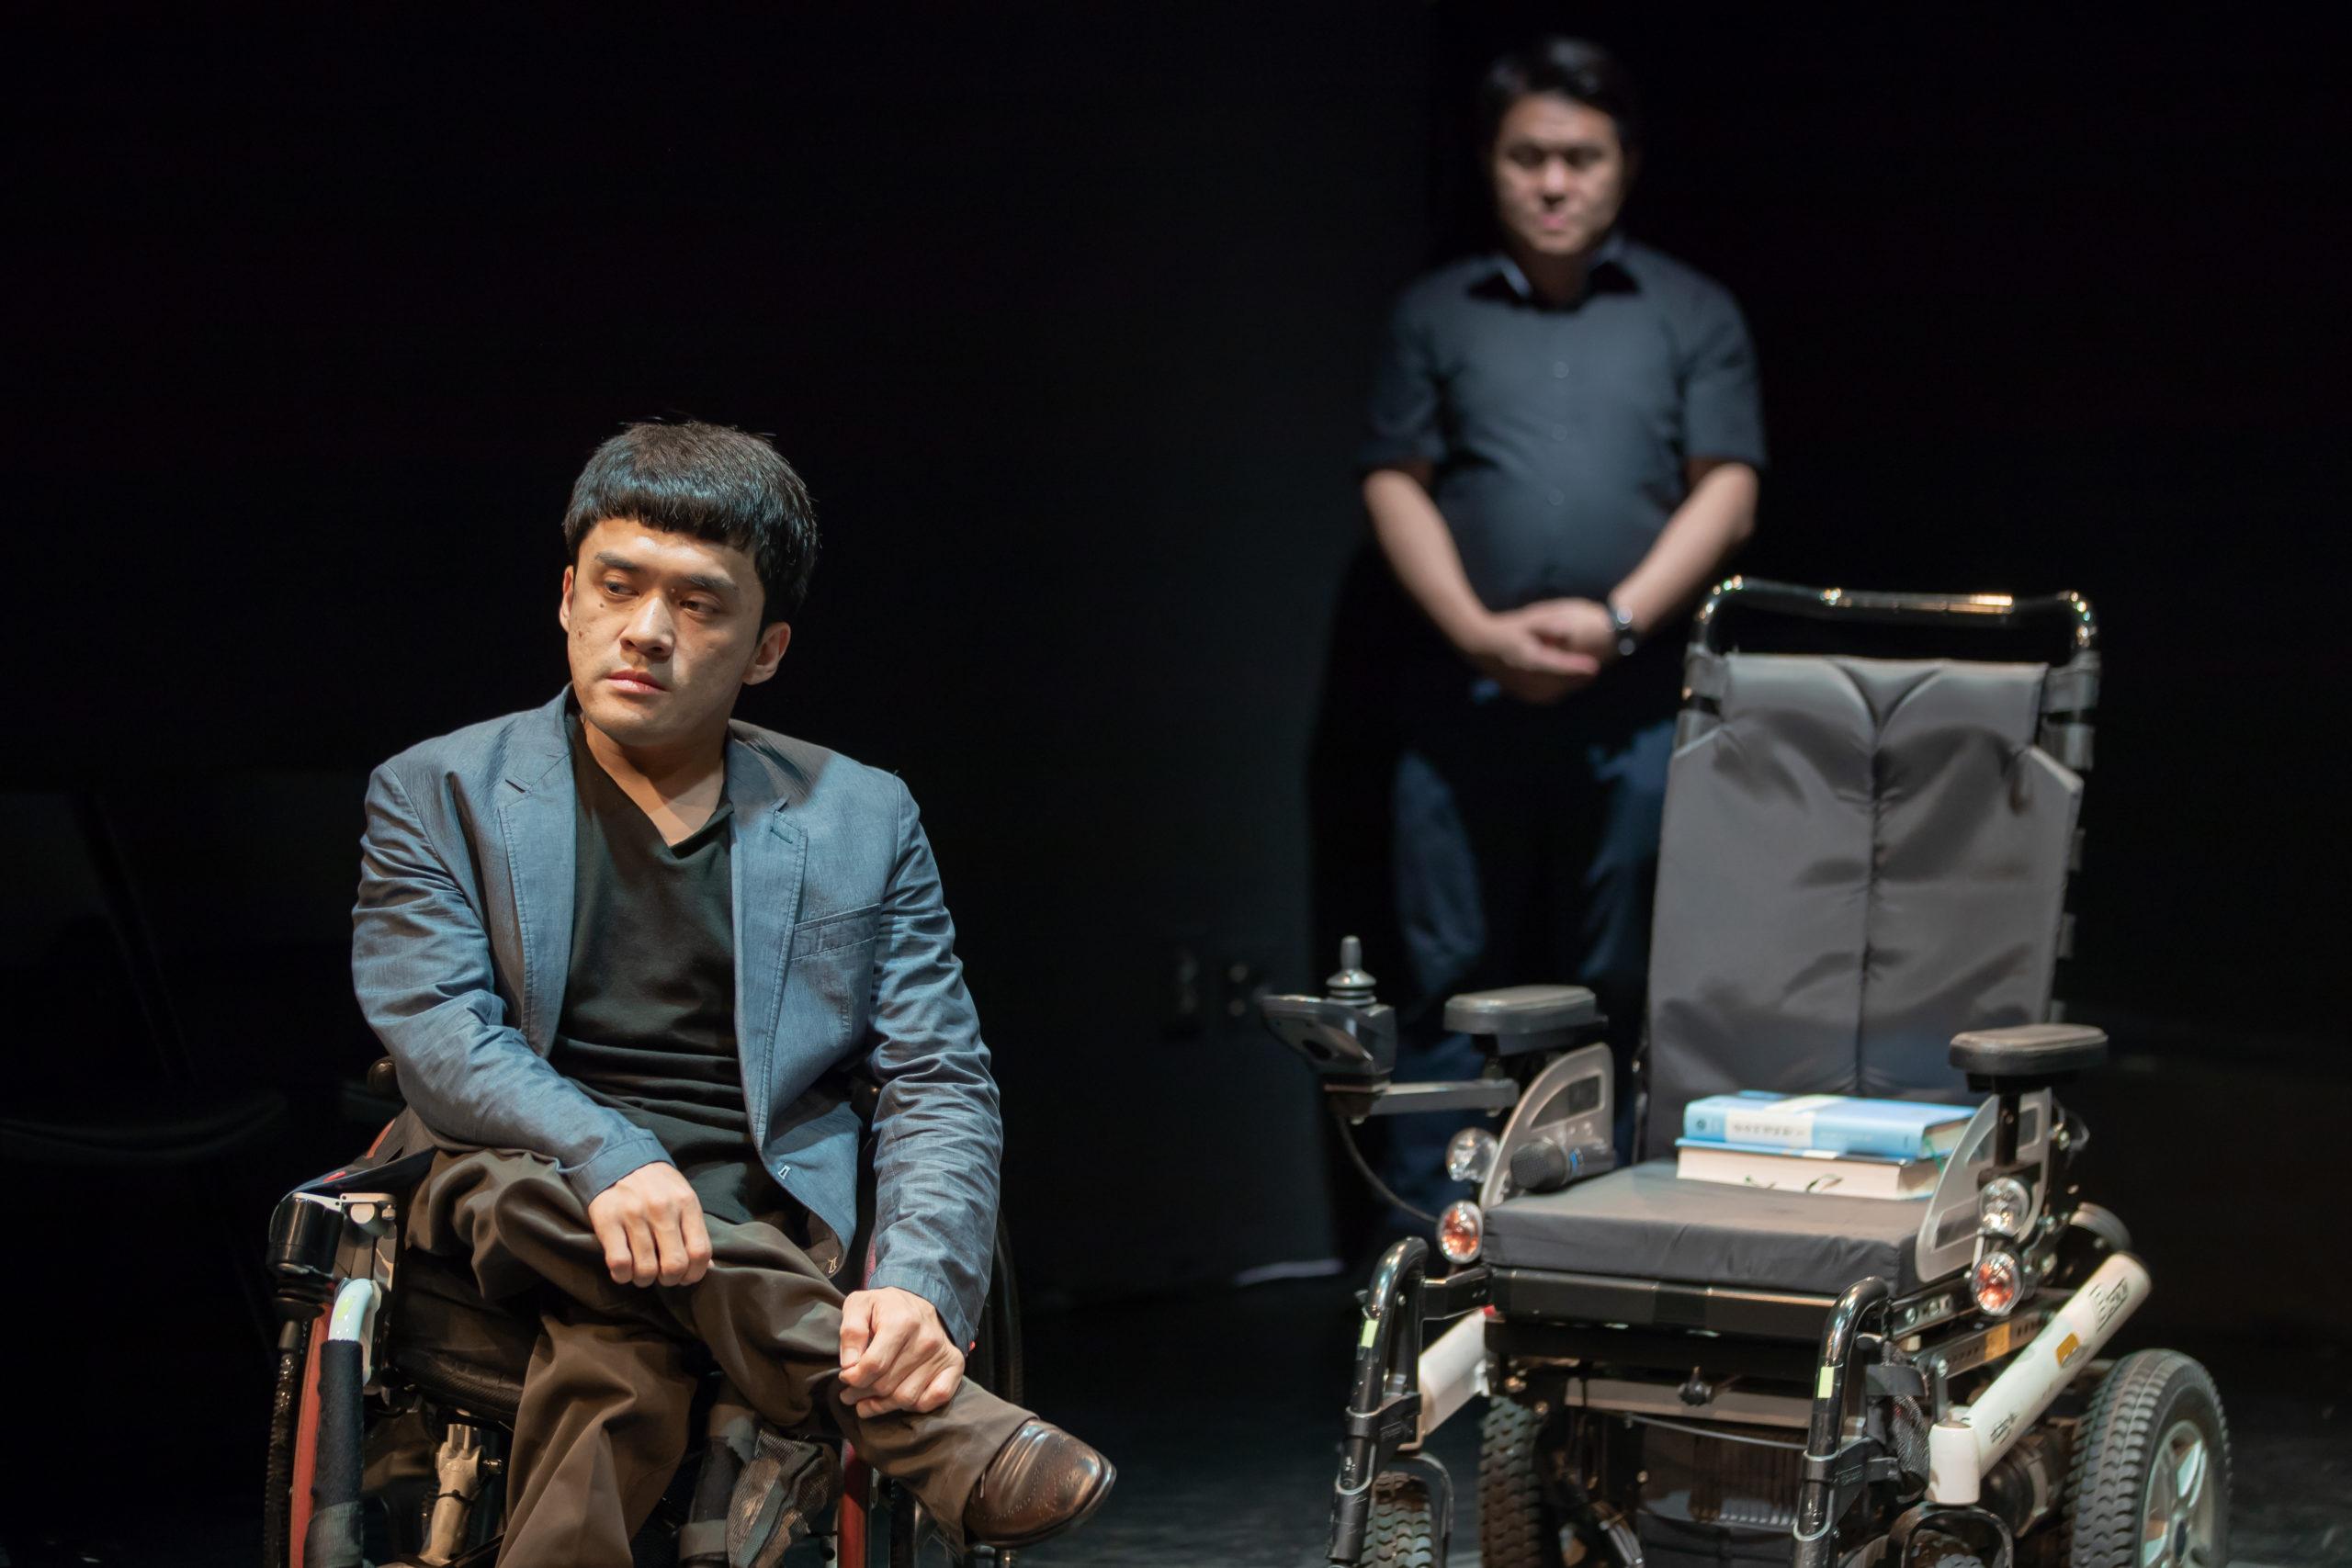 Deux hommes jouant une scène dramatique sur scène. L'un est en fauteuil roulant en premier plan, et l'autre est debout derrière lui.